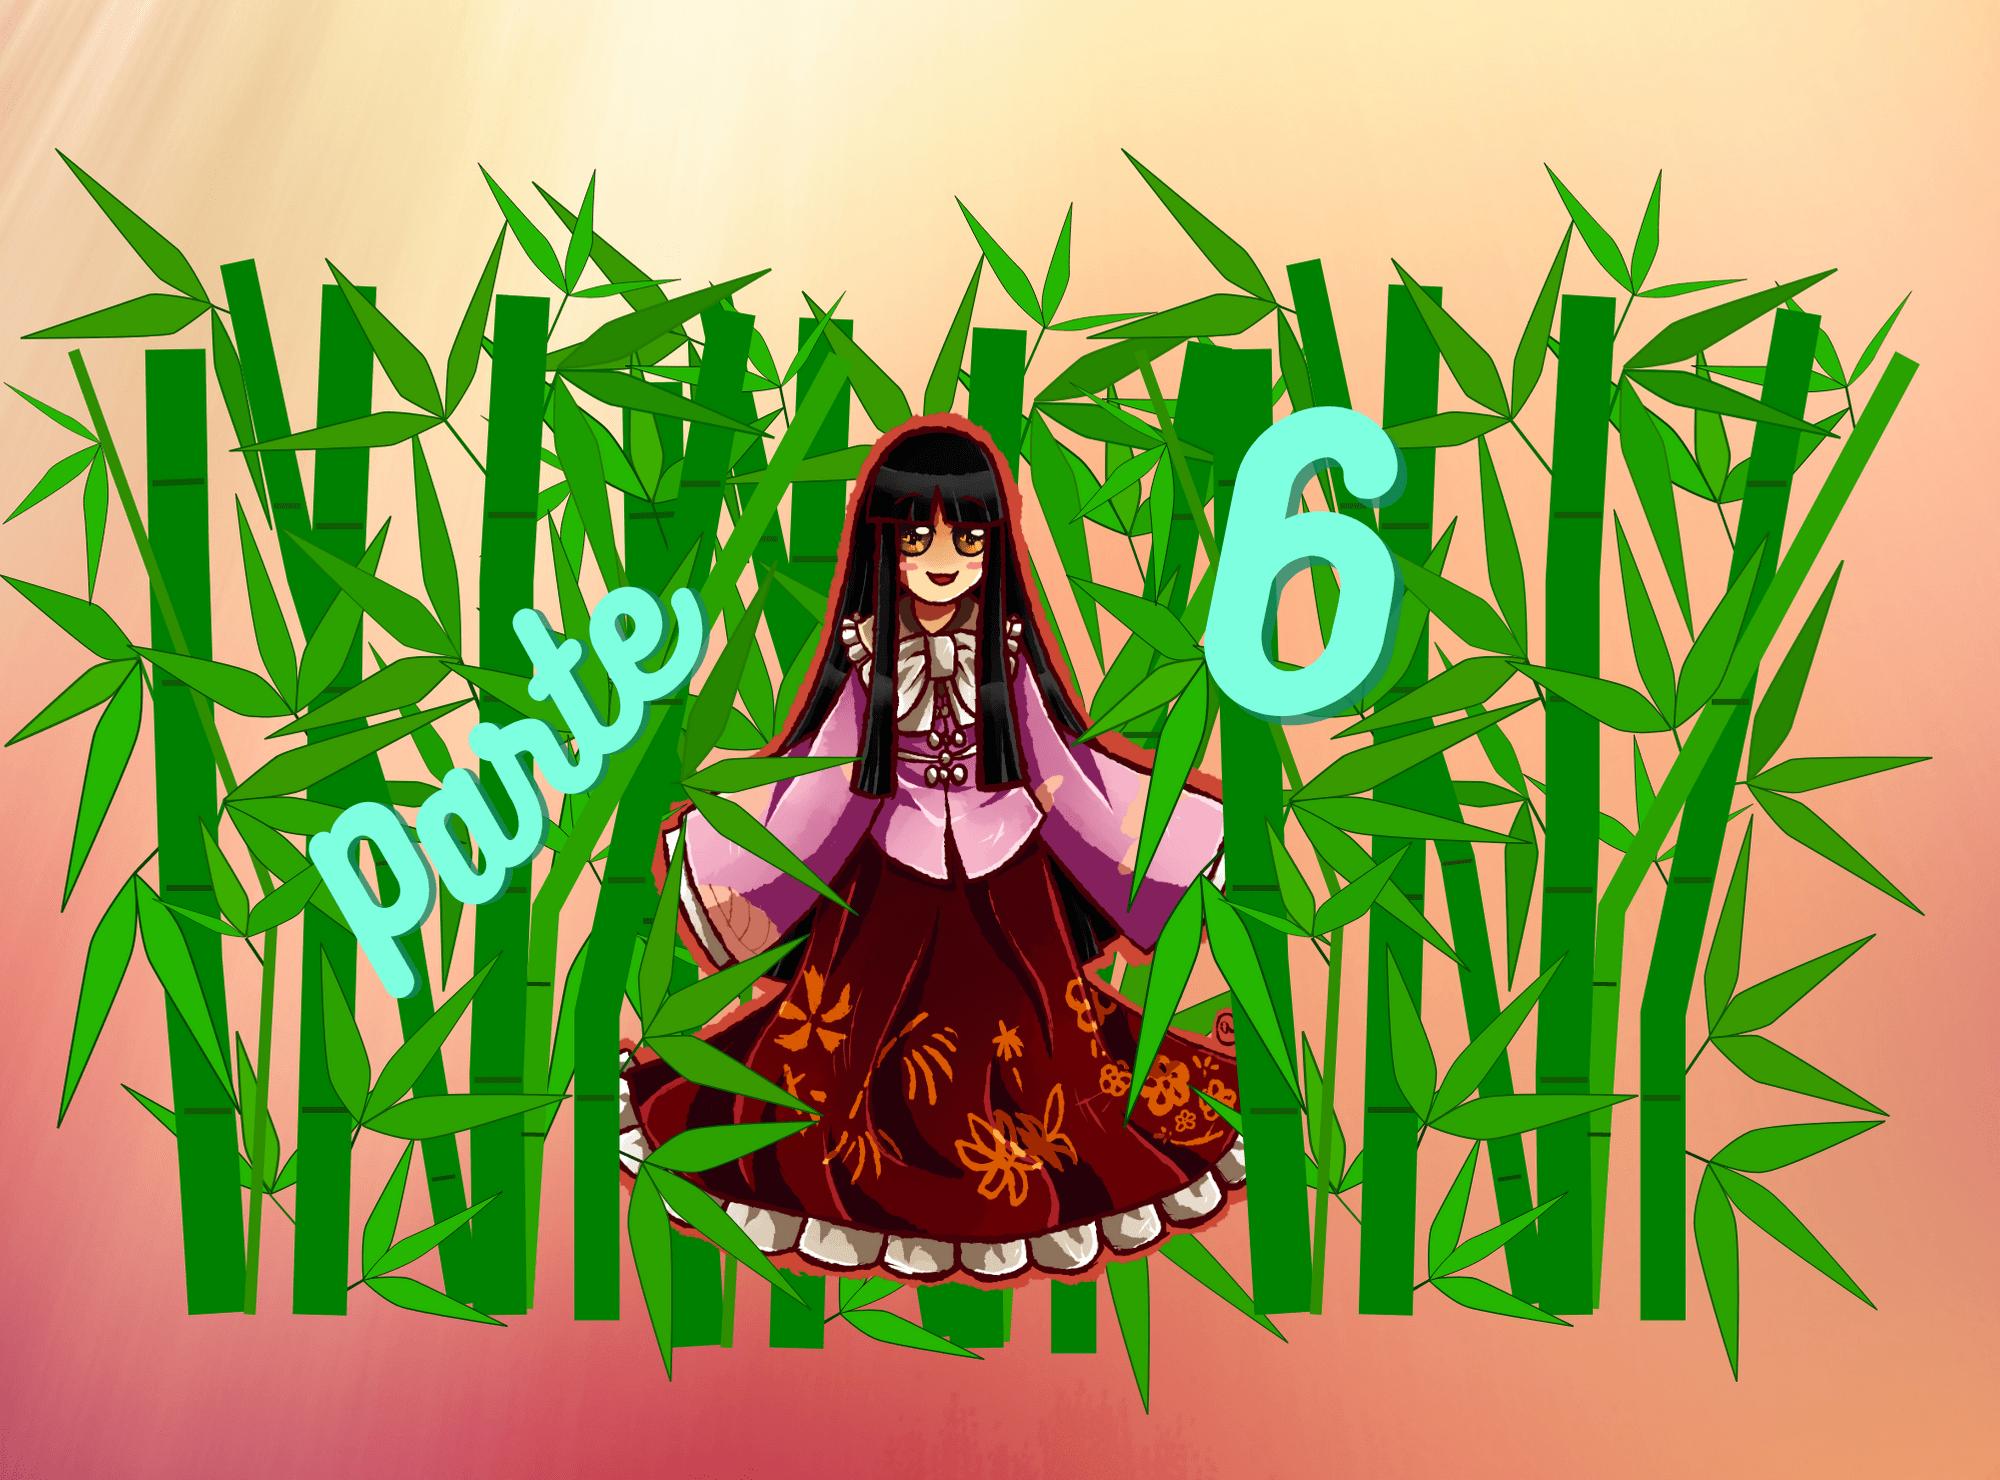 Práctica de lectura N5 de Hiragana: Princesa Kaguya parte 6 (Cuenco de Buda)